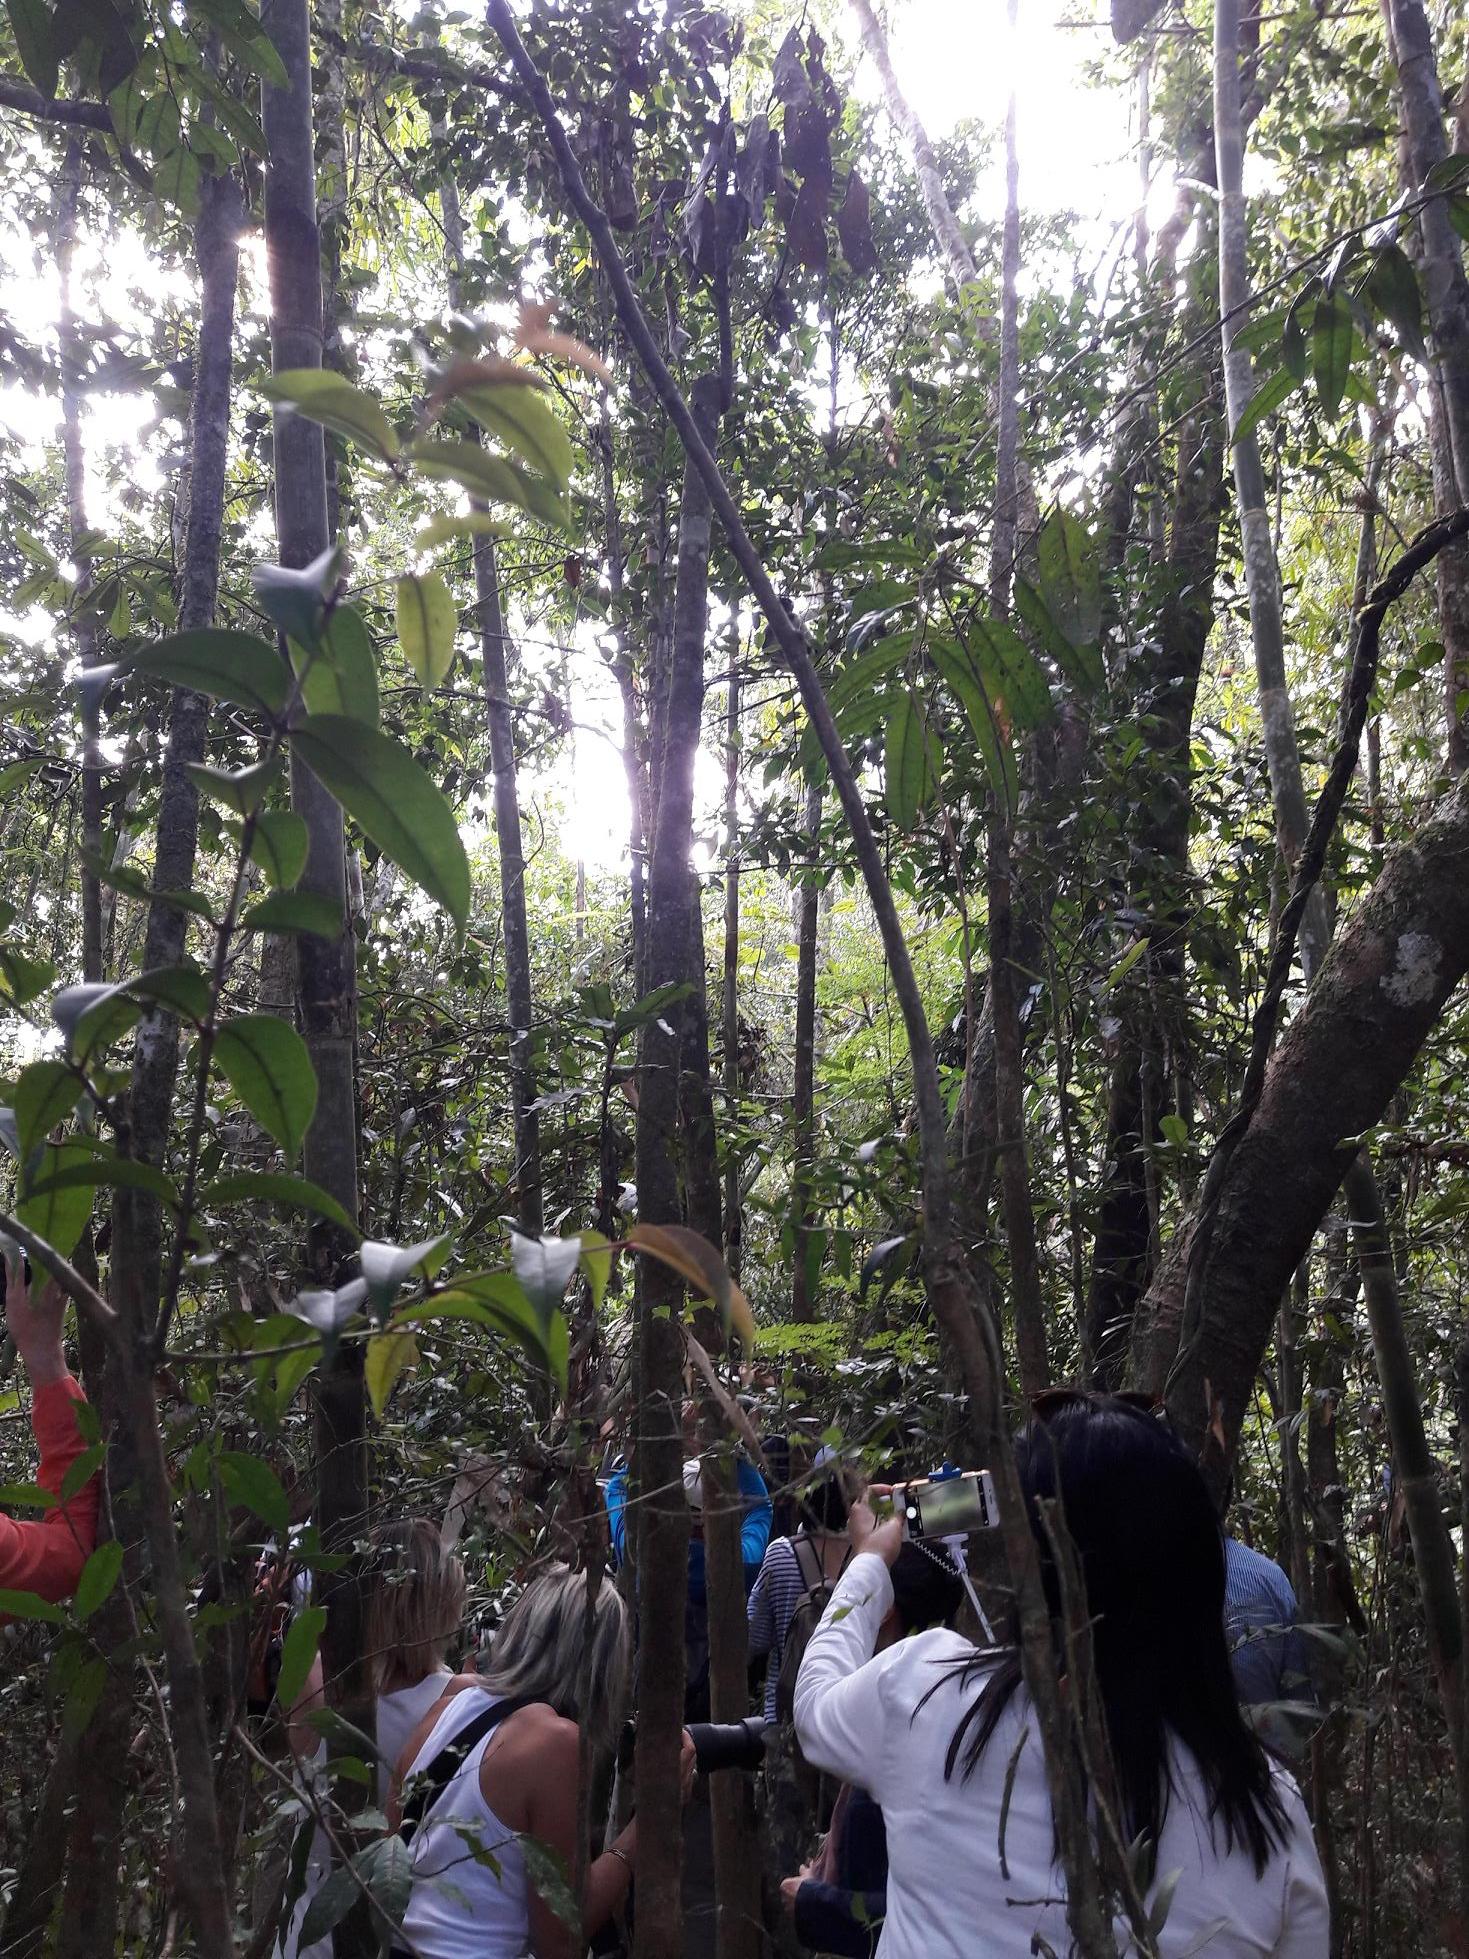 Safari photo dans la forêt primaire d'Andasibe. Les lémuriens jouent à cache cache - Photo : M.S.